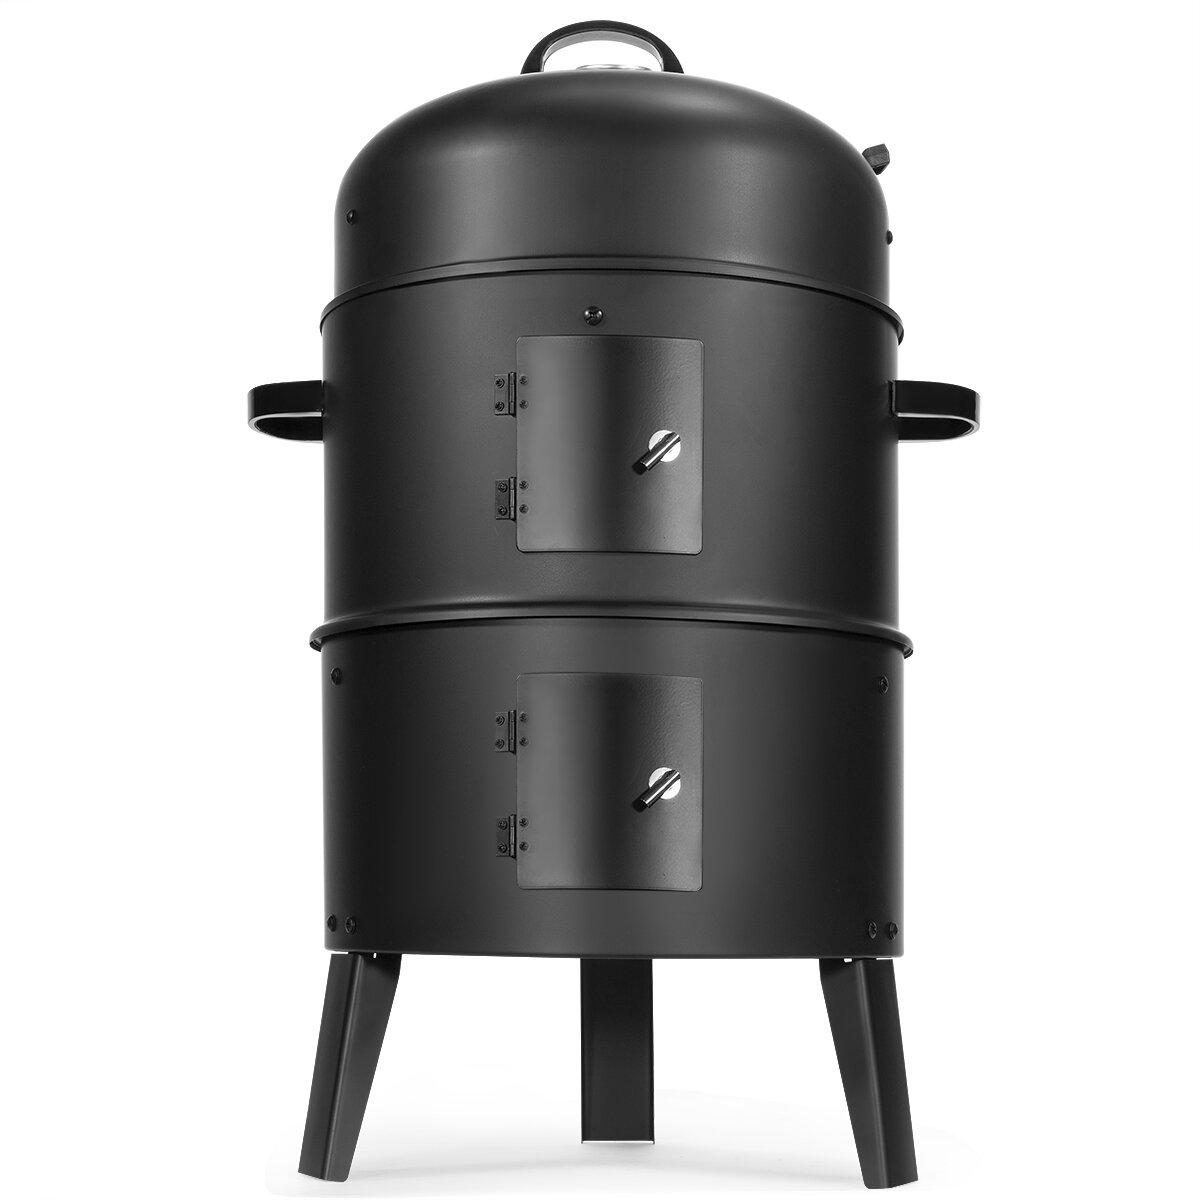 Barton Wood Charcoal Smoker And Grill Wayfair